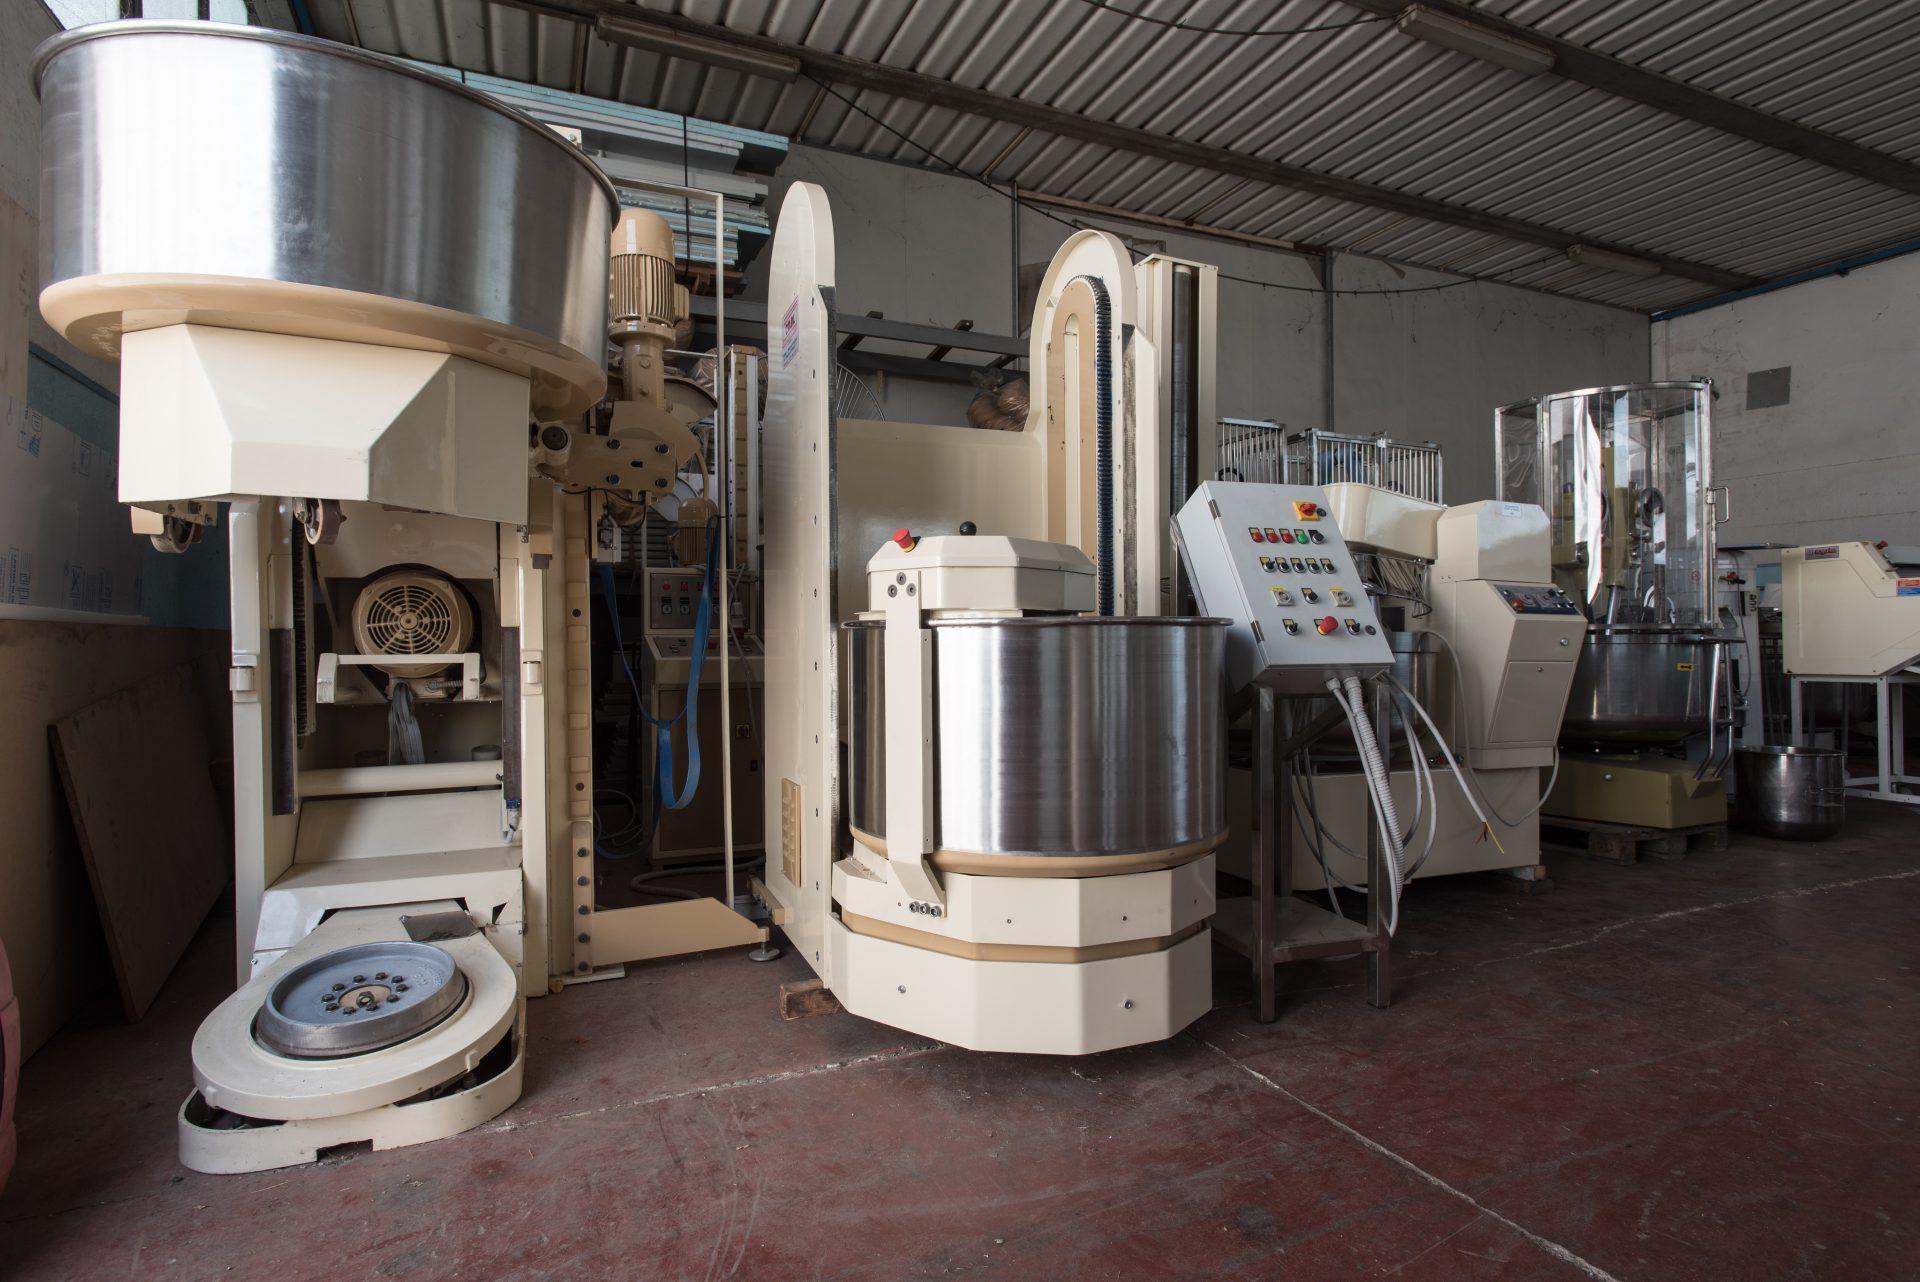 Spighi srl a Figline e Incisa Valdarno, forni e attrezzature nuove e usate.